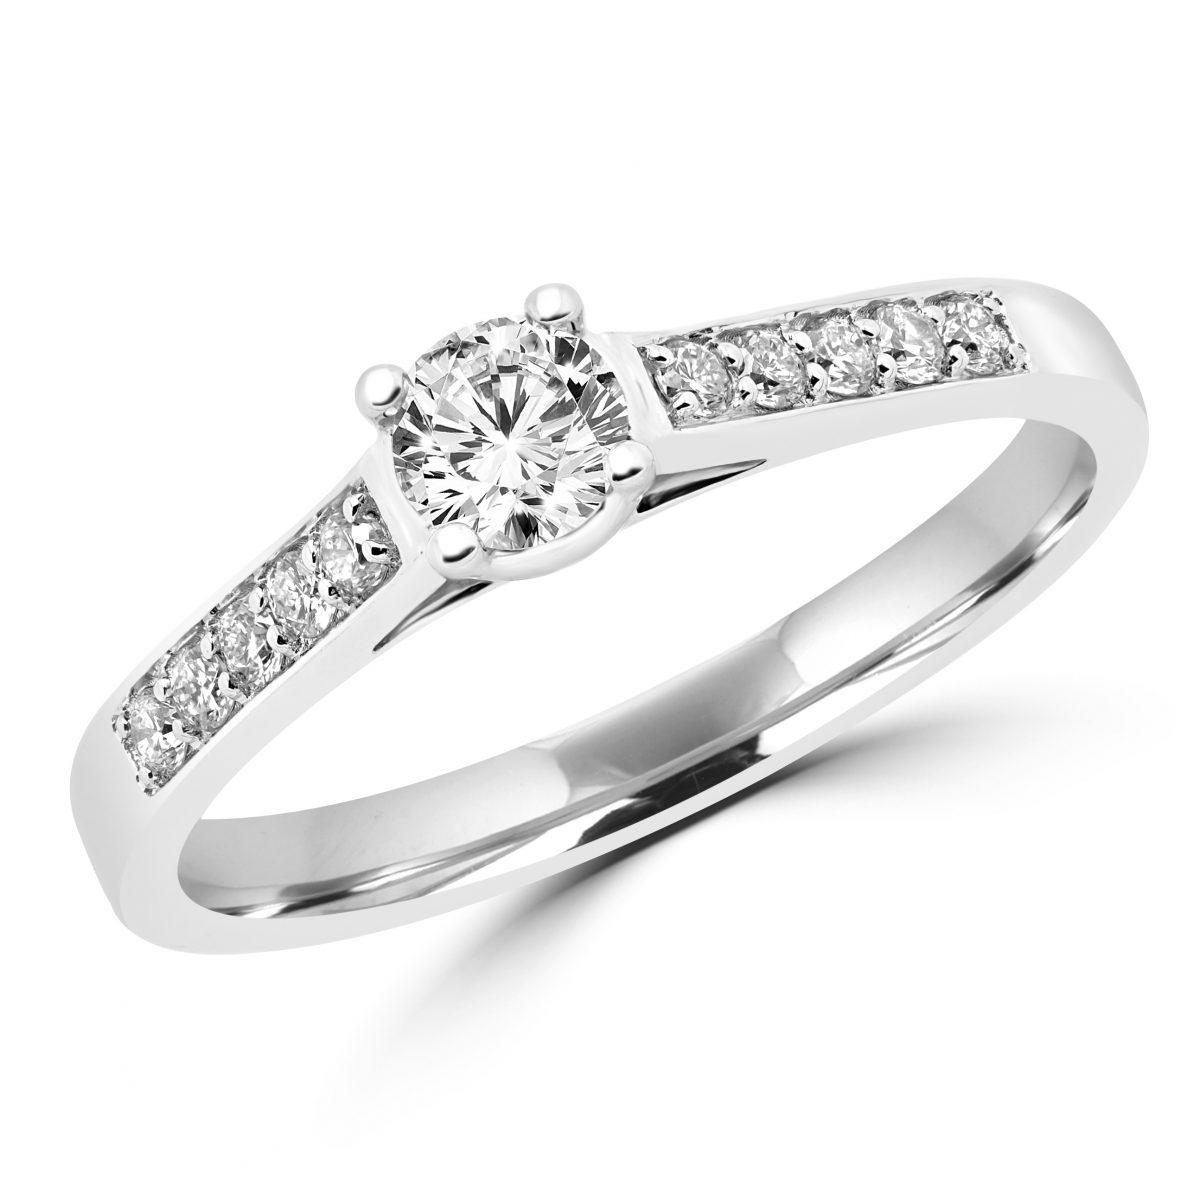 Round Brilliant Diamond Engagement Ring 0.45 (ctw) In 14k